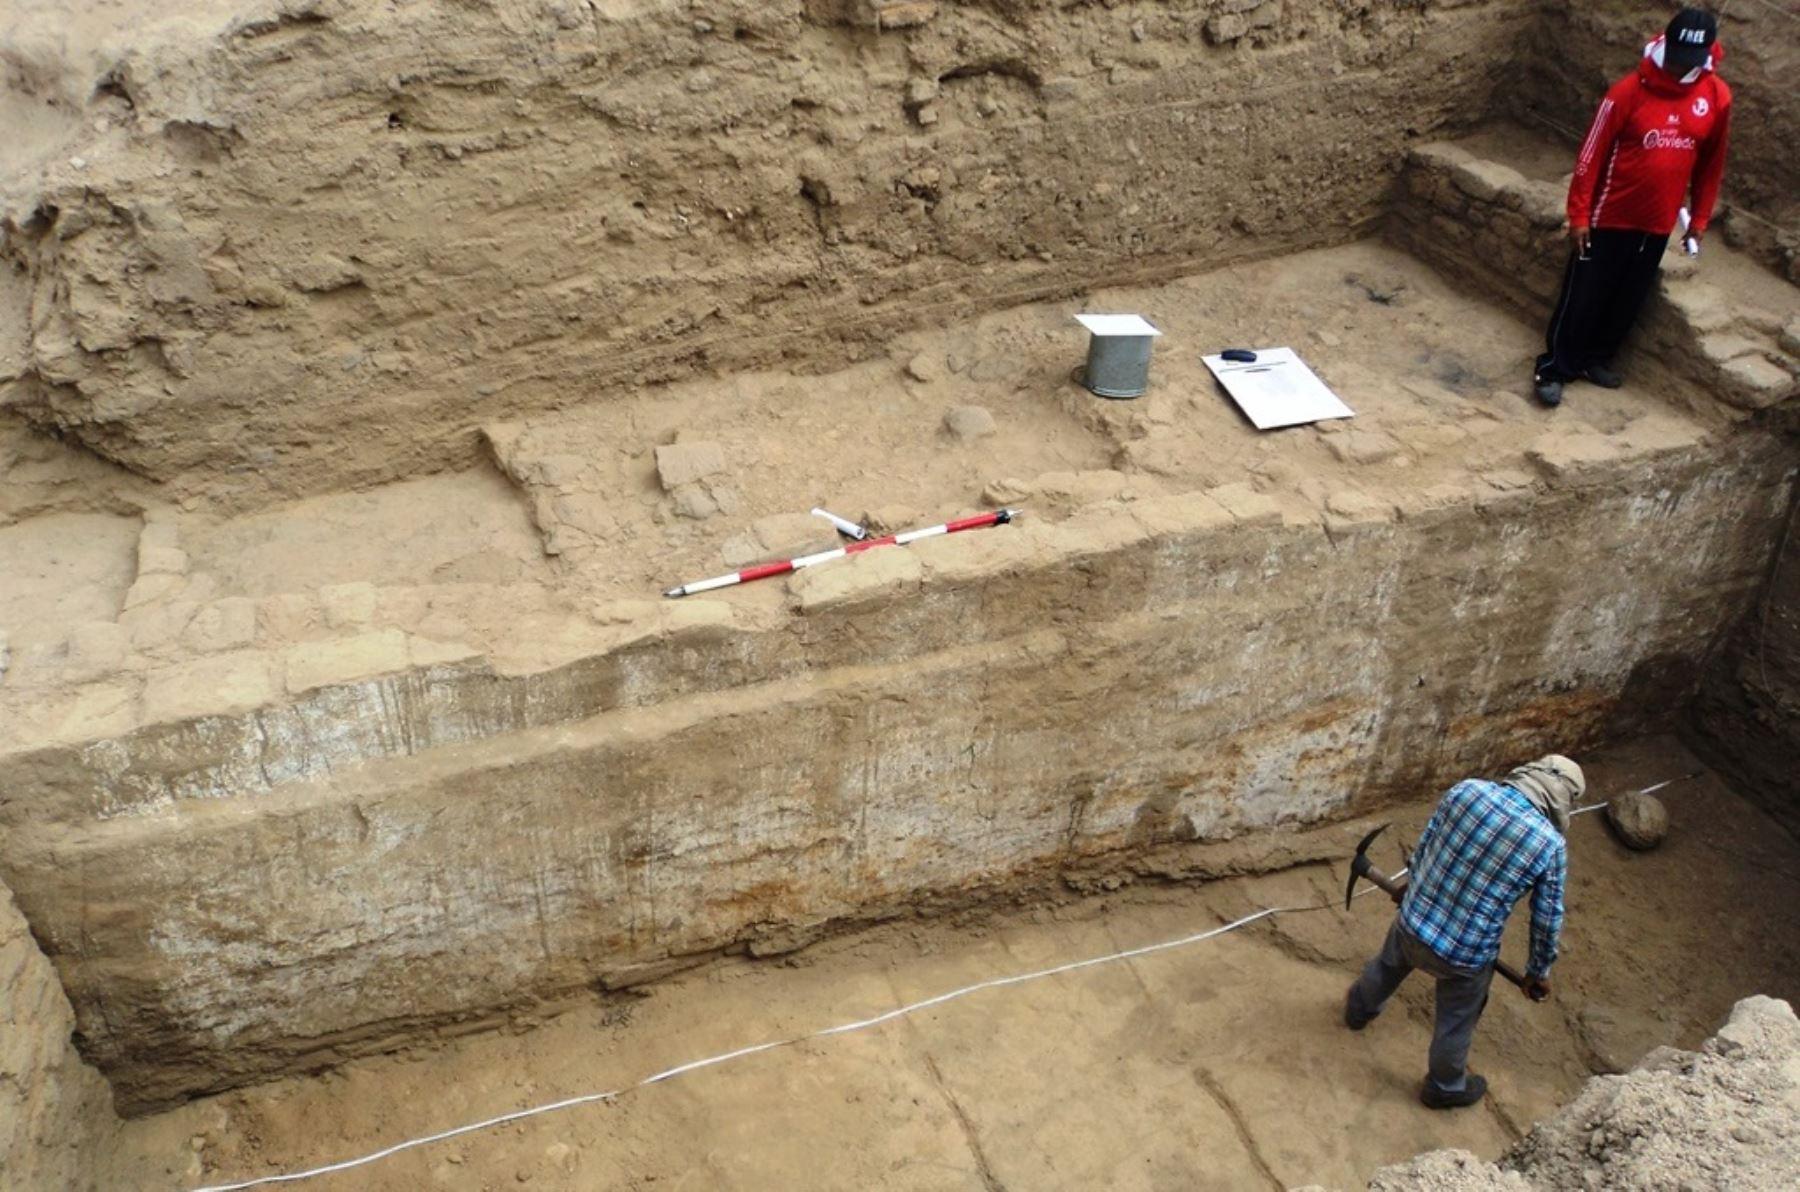 Se han hallado evidencias que podrían corresponder a pequeños templos de origen Moche en el cerro Mata Indio, en Zaña, Lambayeque, afirma Walter Alva. ANDINA